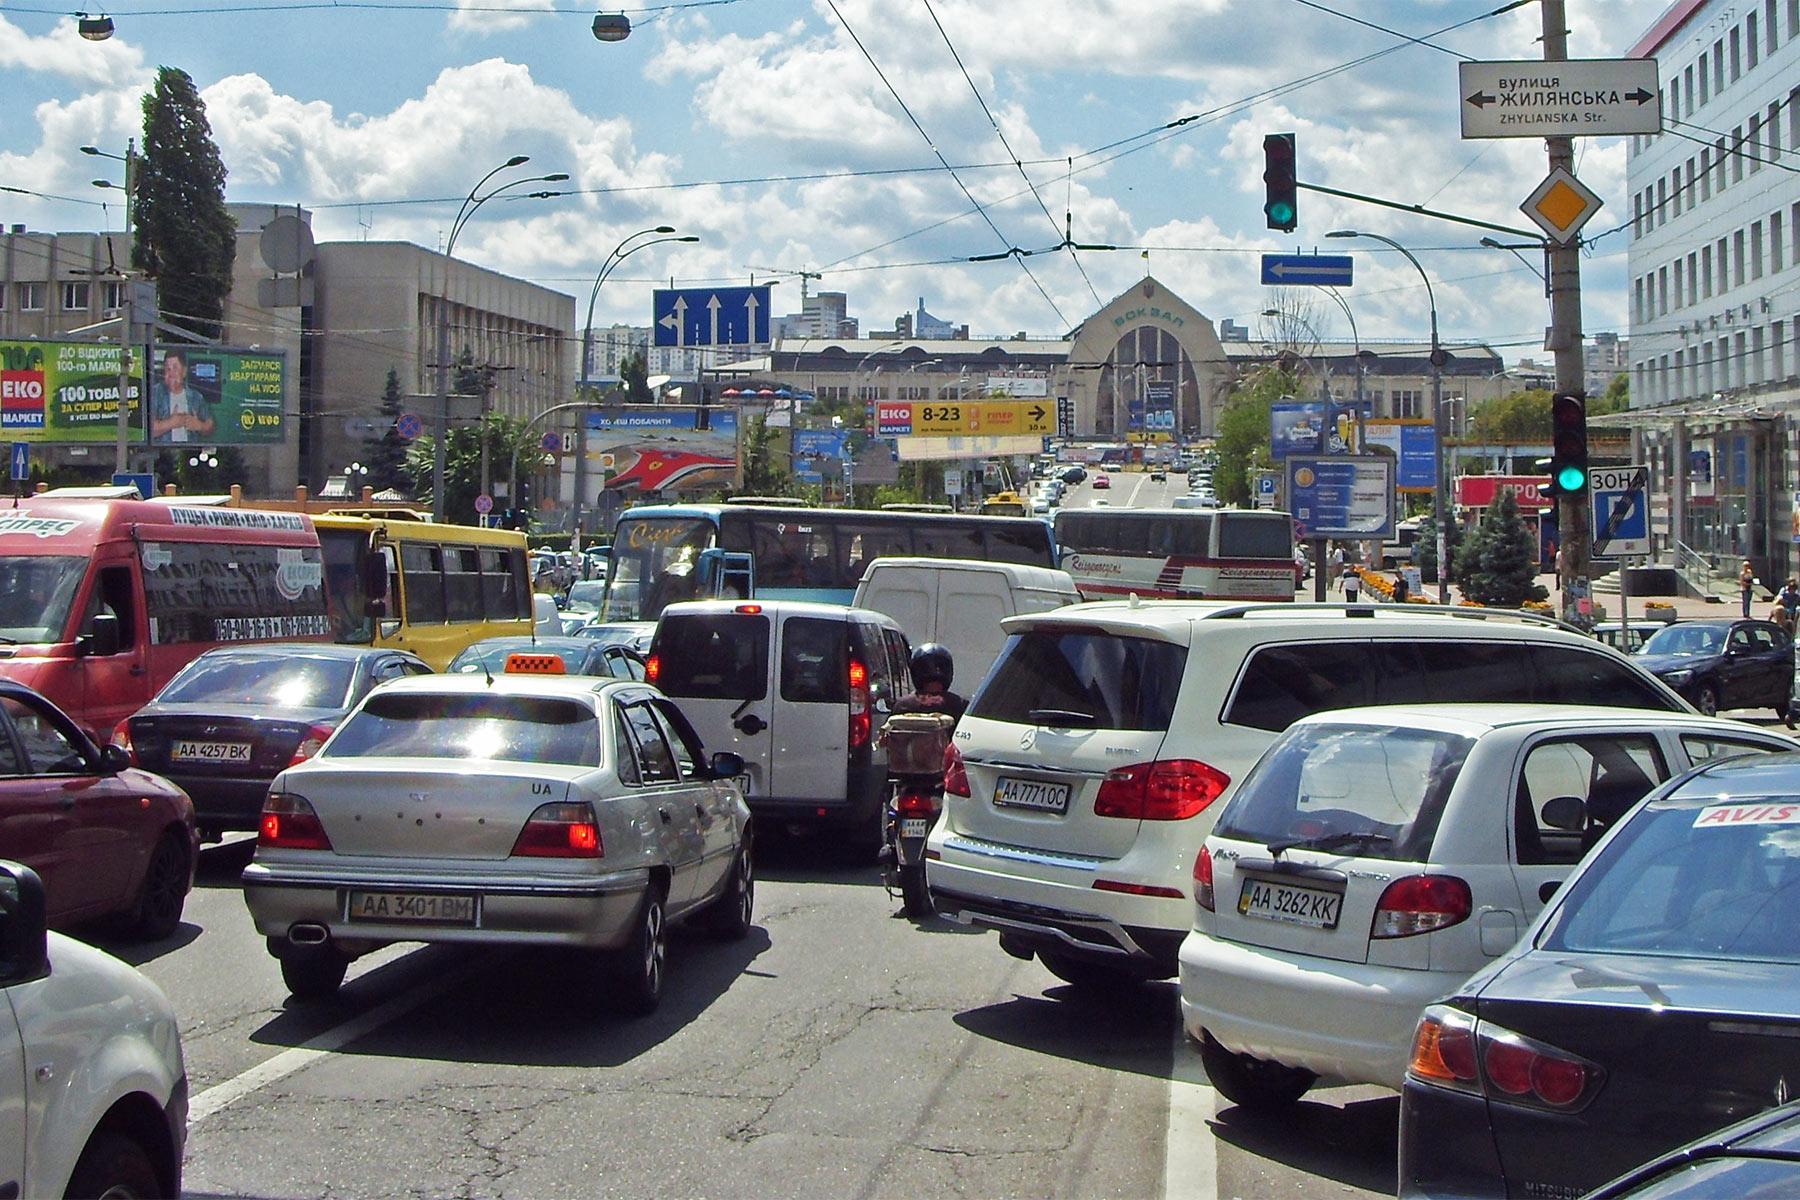 К 2020 году в Киеве появится 125 тысяч паркомест